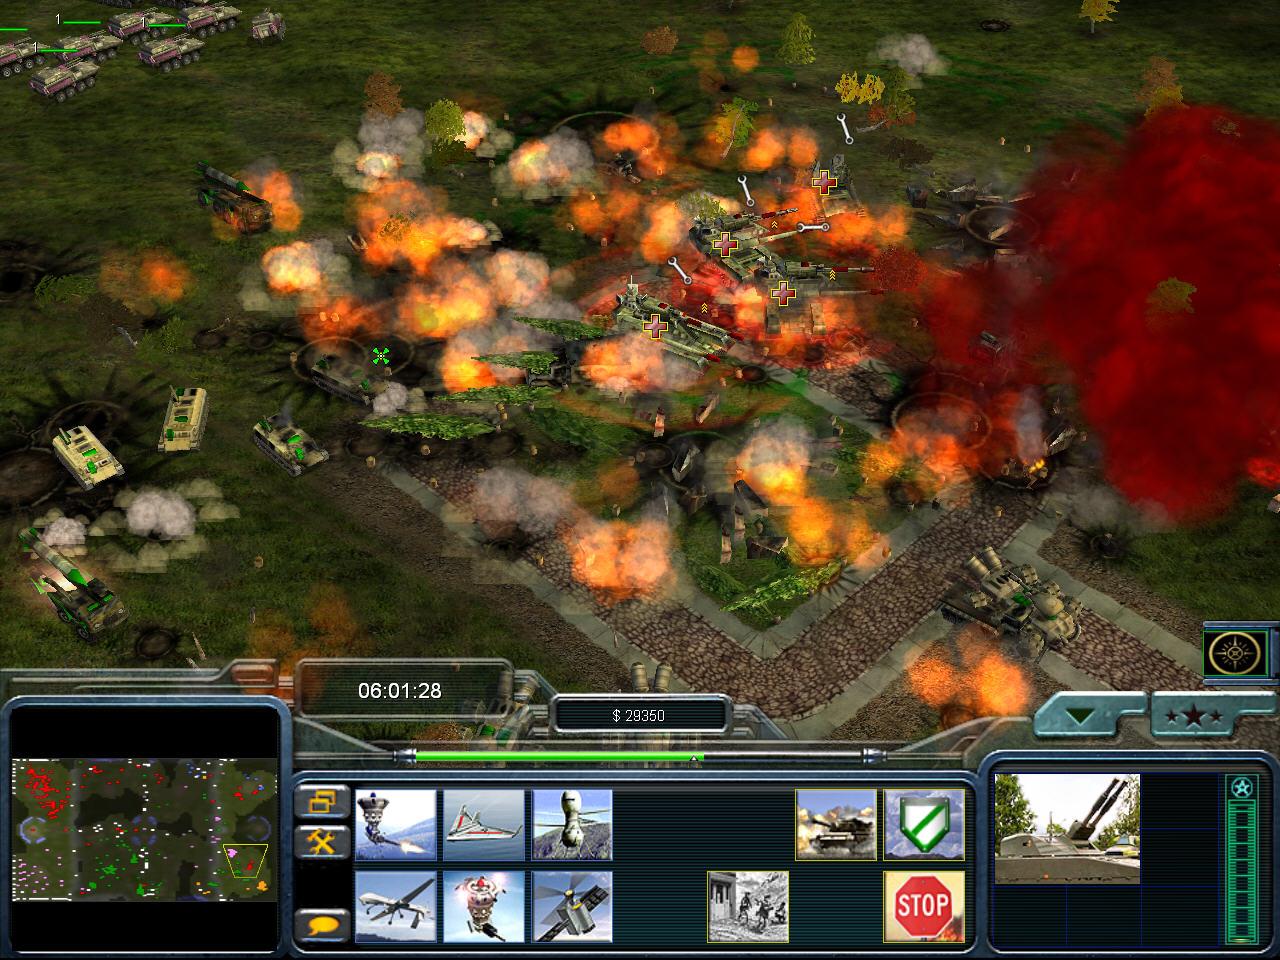 Generals zero hour contra 007 final бойня титанов - youtube gaming